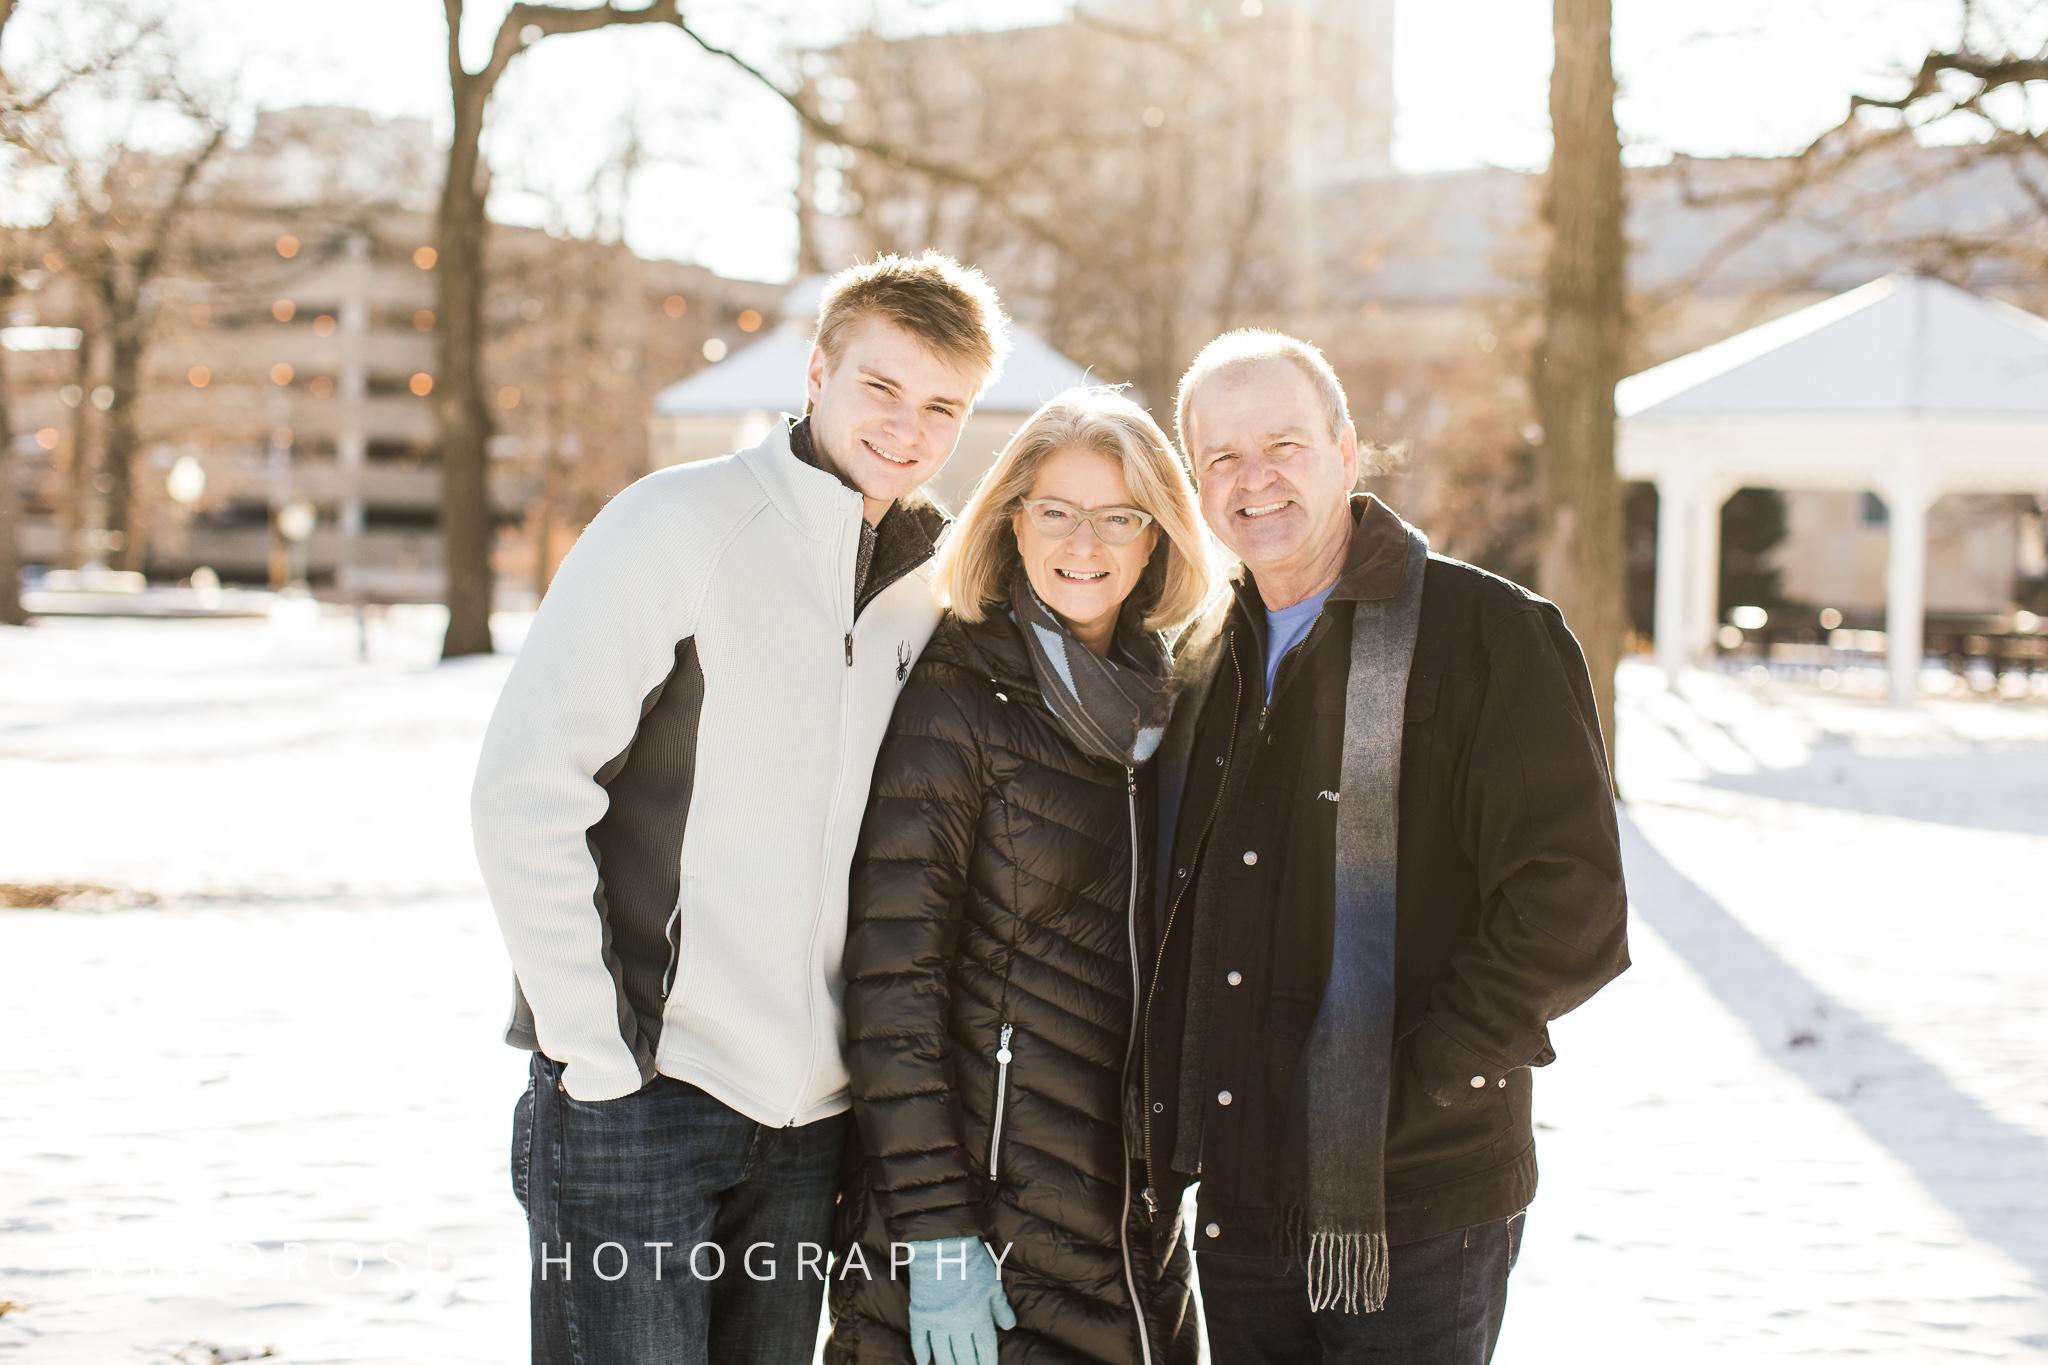 Central-Park-Rochester-Family-Portrait-4.jpg